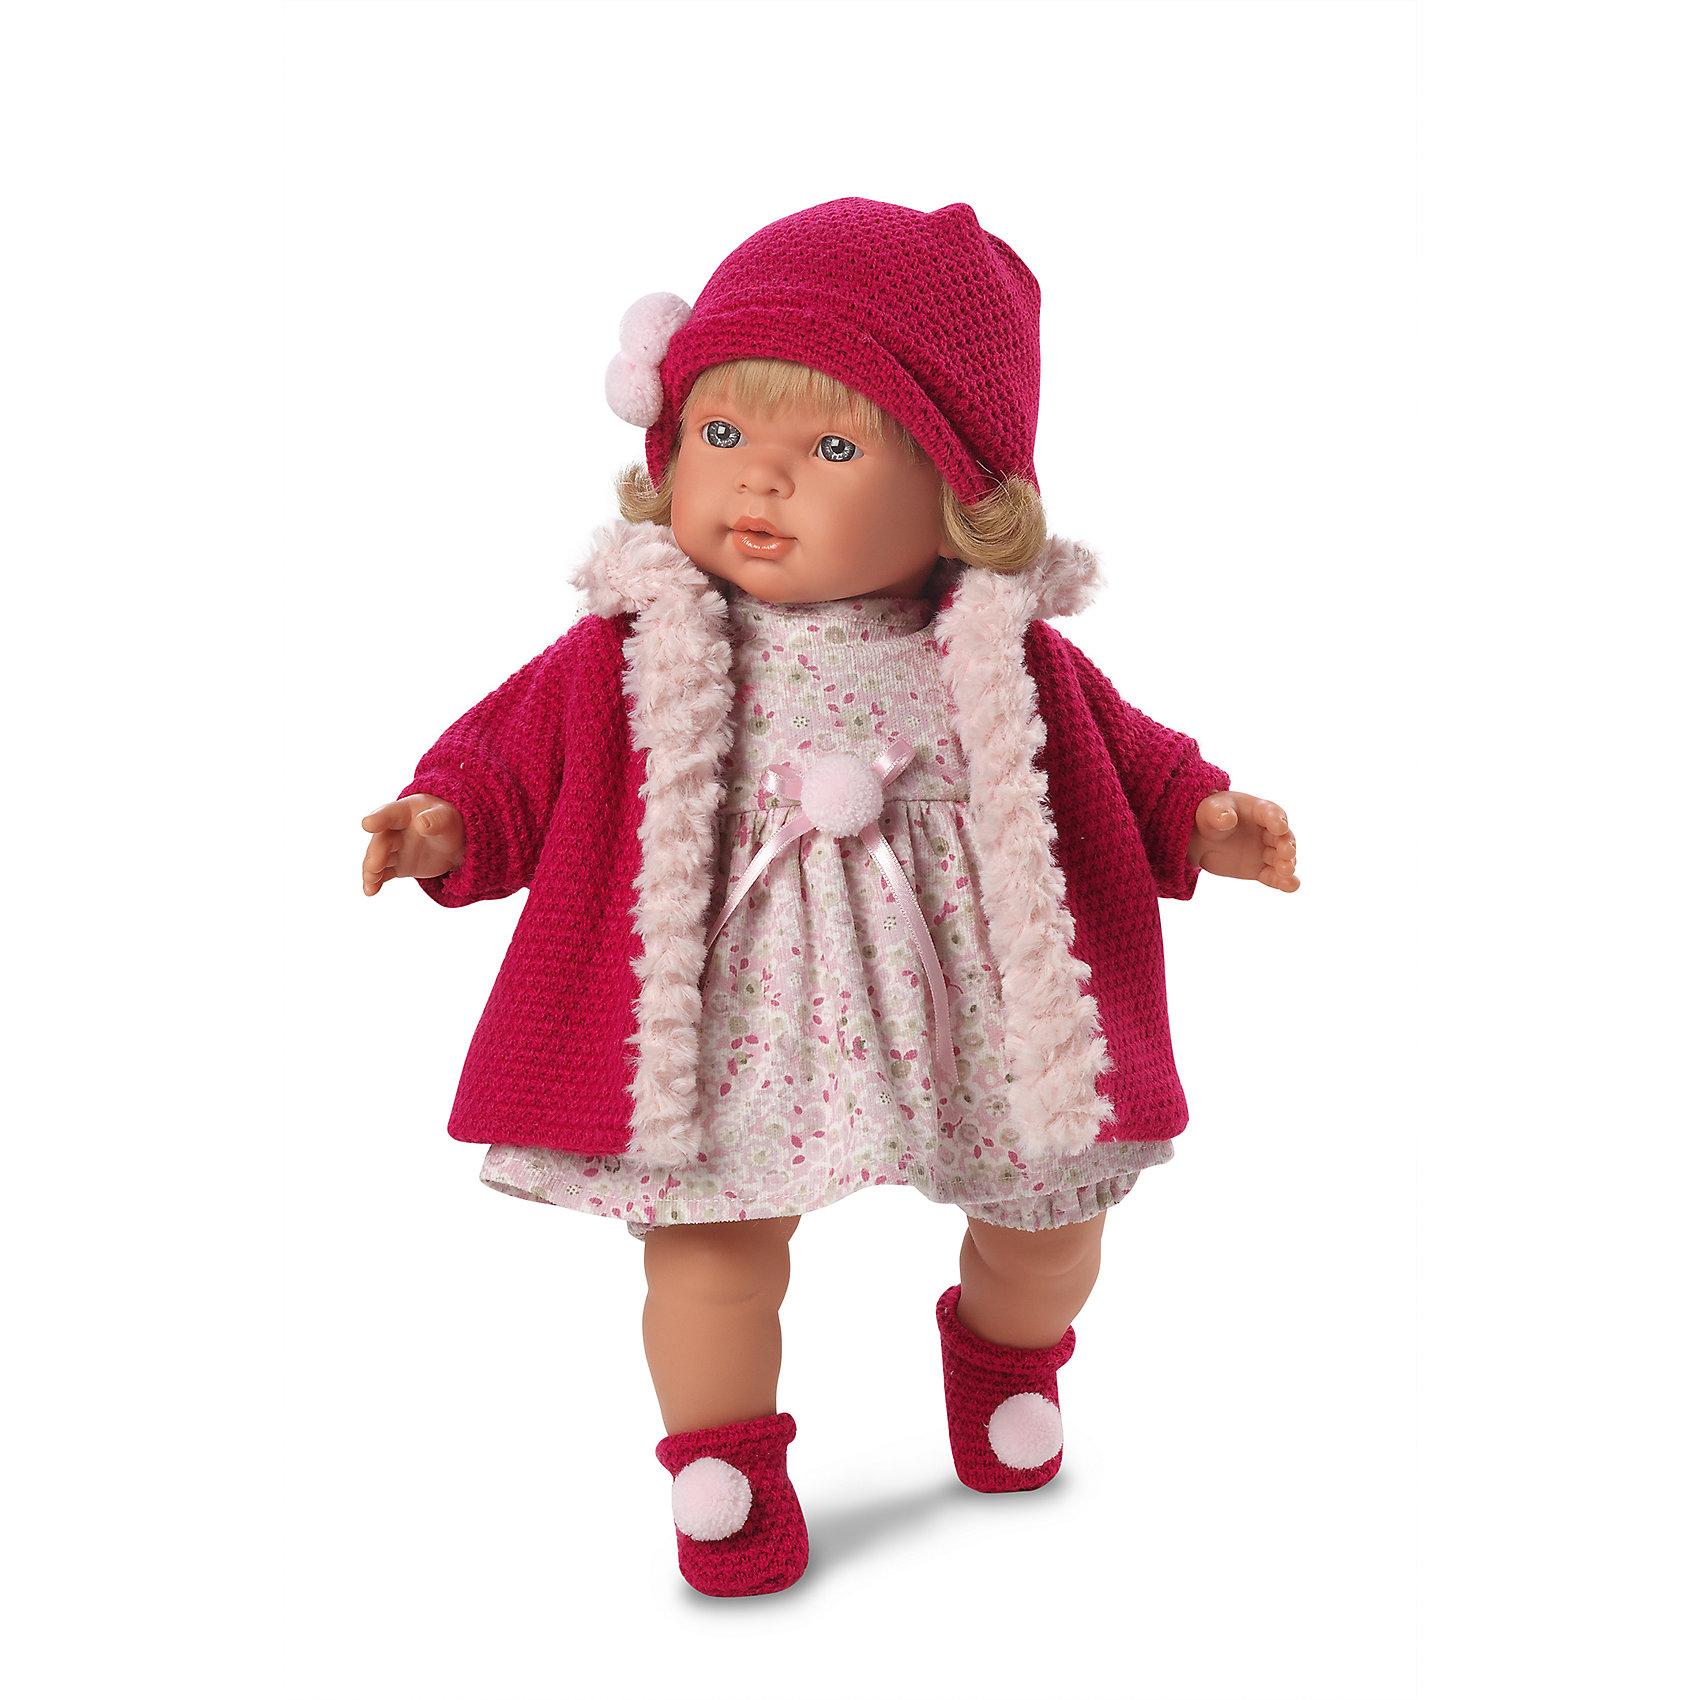 Кукла Даниэла, 42 см, LlorensБренды кукол<br>Характеристики:<br><br>• Предназначение: для сюжетно-ролевых игр<br>• Тип куклы: мягконабивная<br>• Пол куклы: девочка <br>• Цвет волос: блондинка<br>• Материал: поливинилхлорид, пластик, нейлон, текстиль<br>• Цвет: розовый, красный<br>• Высота куклы: 42 см<br>• Комплектация: кукла, платье, пальто, носочки, шапочка, пустышка с держателем<br>• Звуковые эффекты: плачет, произносит мама и папа<br>• Батарейки: з шт. типа AG13/LR44 (предусмотрены в комплекте)<br>• Вес: 1 кг 360 г<br>• Размеры упаковки (Д*В*Ш): 23*45*12 см<br>• Упаковка: подарочная картонная коробка <br>• Особенности ухода: допускается деликатная стирка без использования красящих и отбеливающих средств предметов одежды куклы<br><br>Кукла Даниэла 42 см – кукла, производителем которого является всемирно известный испанский кукольный бренд Llorens. Куклы этой торговой марки имеют свою неповторимую внешность и целую линейку образов как пупсов, так и кукол-малышей. Игрушки выполнены из сочетания поливинилхлорида и пластика, что позволяет с высокой долей достоверности воссоздать физиологические и мимические особенности маленьких детей. При изготовлении кукол Llorens используются только сертифицированные материалы, безопасные и не вызывающие аллергических реакций. Волосы у кукол отличаются густотой, шелковистостью и блеском, при расчесывании они не выпадают и не ломаются.<br>Кукла Даниэла 42 см выполнена в образе малышки: голубые глаза и слегка завитые волосы средней длины делают образ куклы необычайно очаровательным. В комплект одежды Даниэлы входит легкое платьице с цветочным рисунком, пальто с меховой отделкой, шапочка и носочки с помпончиками. Кукла умеет плакать, а также говорить мама и папа. Чтобы малышка не плакала, у нее имеется соска с цепочкой-держателем. <br>Кукла Даниэла 42см – это идеальный вариант для подарка к различным праздникам и торжествам.<br><br>Куклу Даниэлу 42 см можно купить в нашем интернет-магазине.<br><br>Ширина мм: 23<br>Глубина мм: 45<br>В